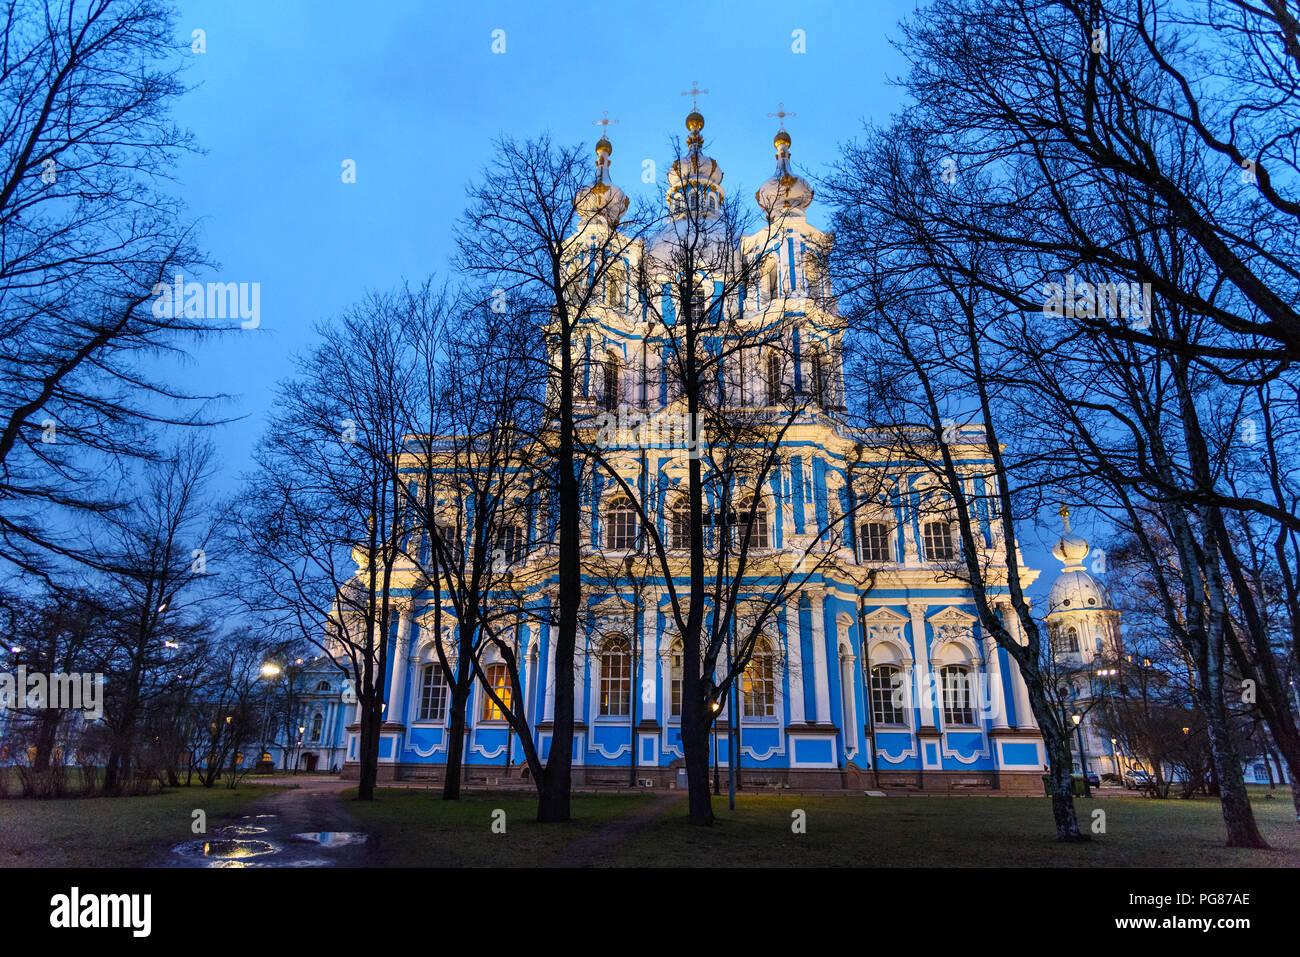 La nuit cathédrale Smolny à Saint-Pétersbourg. La Russie Photo Stock